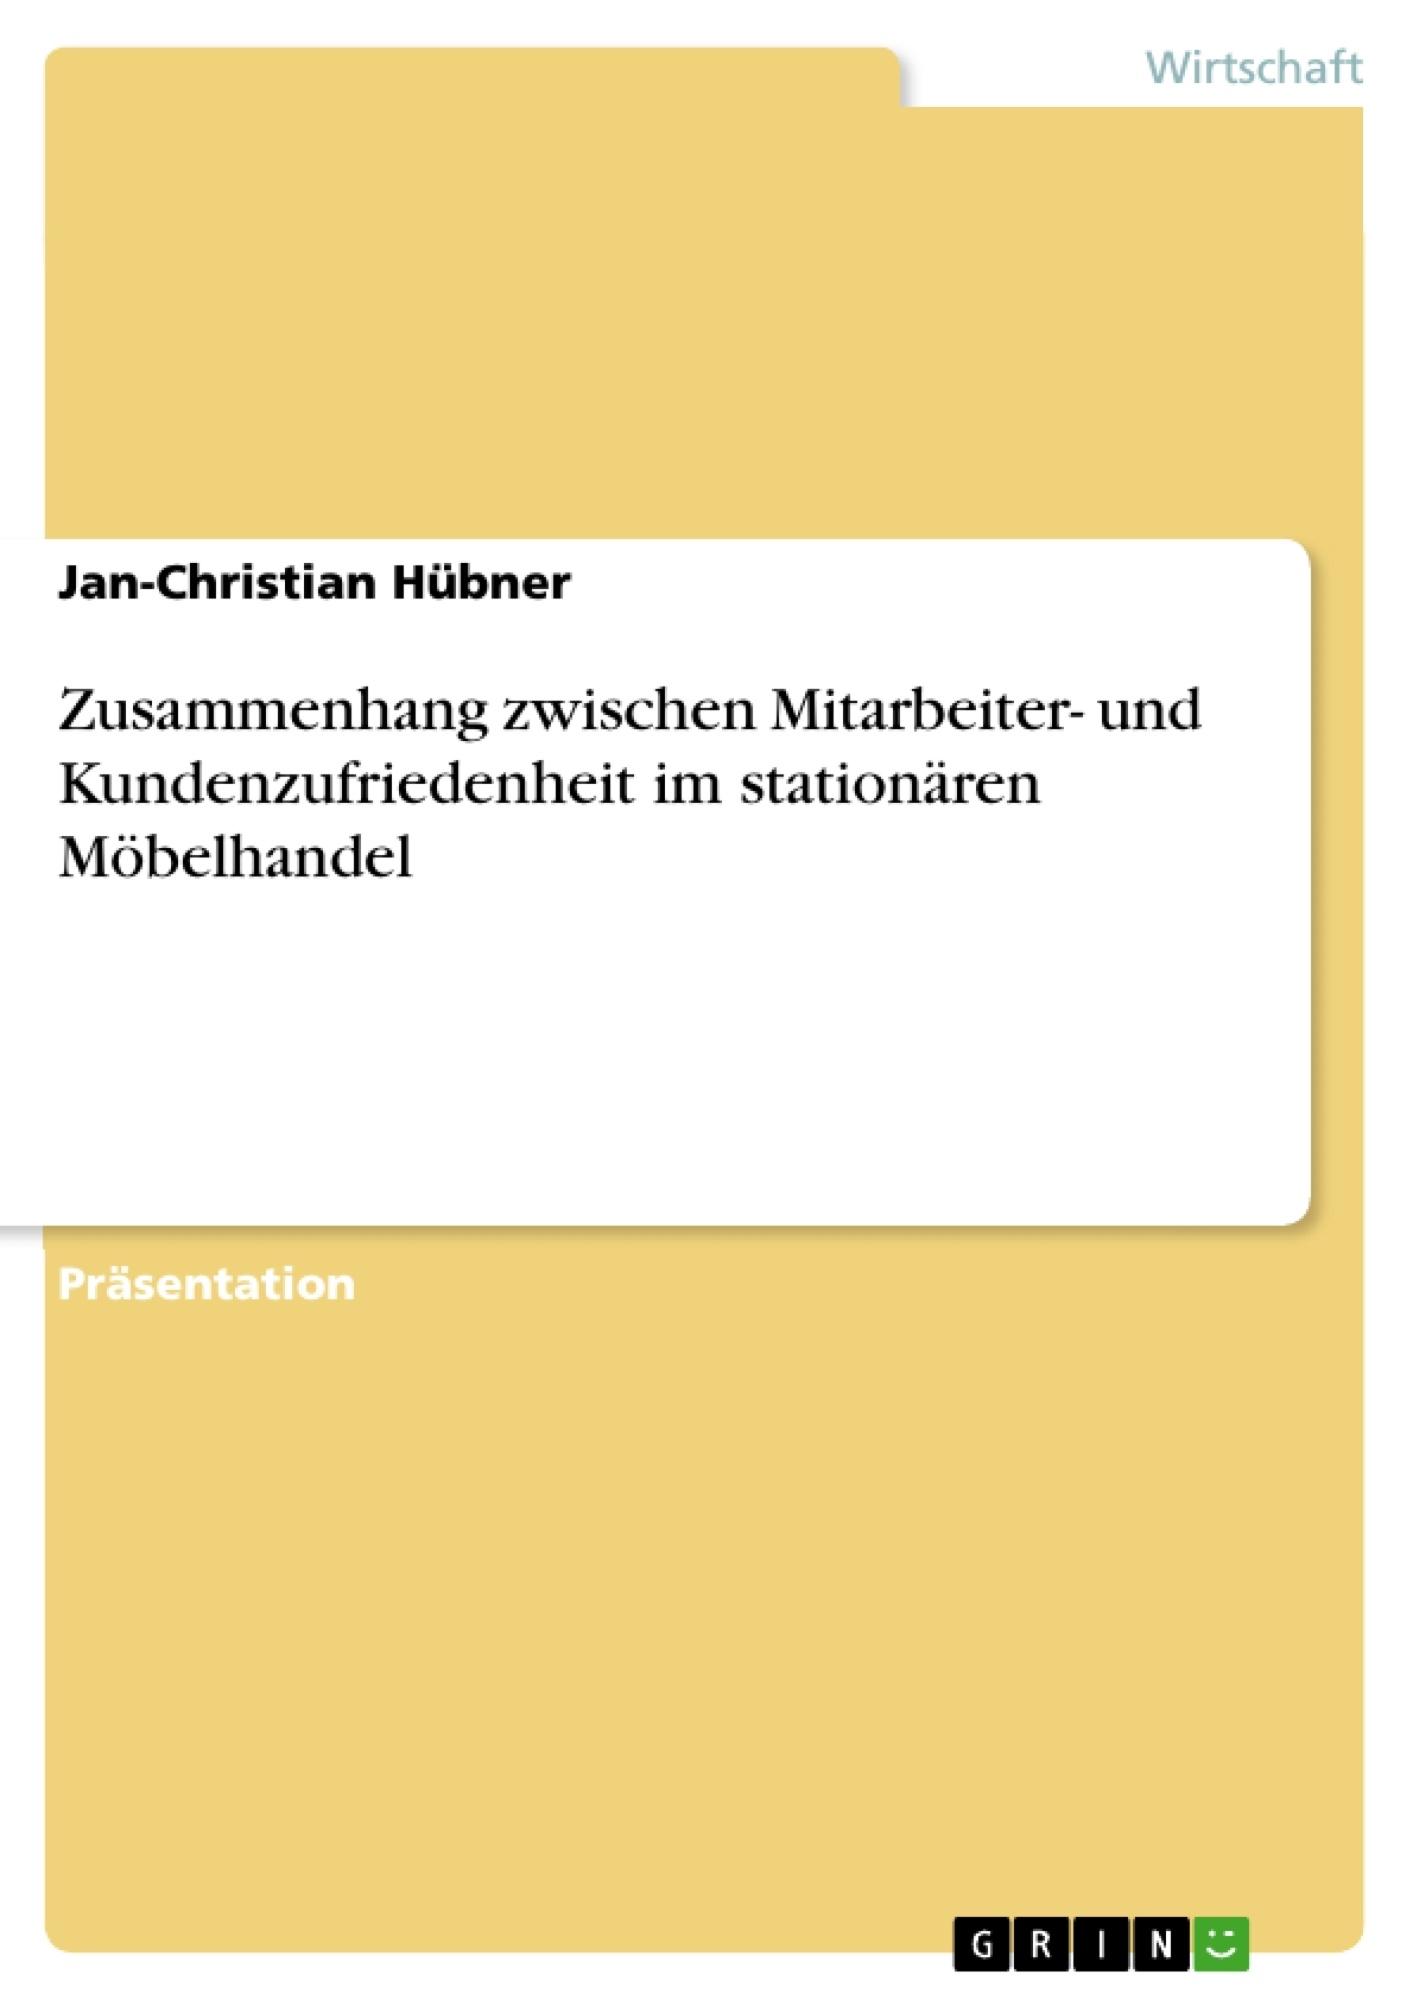 Titel: Zusammenhang zwischen Mitarbeiter- und Kundenzufriedenheit im stationären Möbelhandel